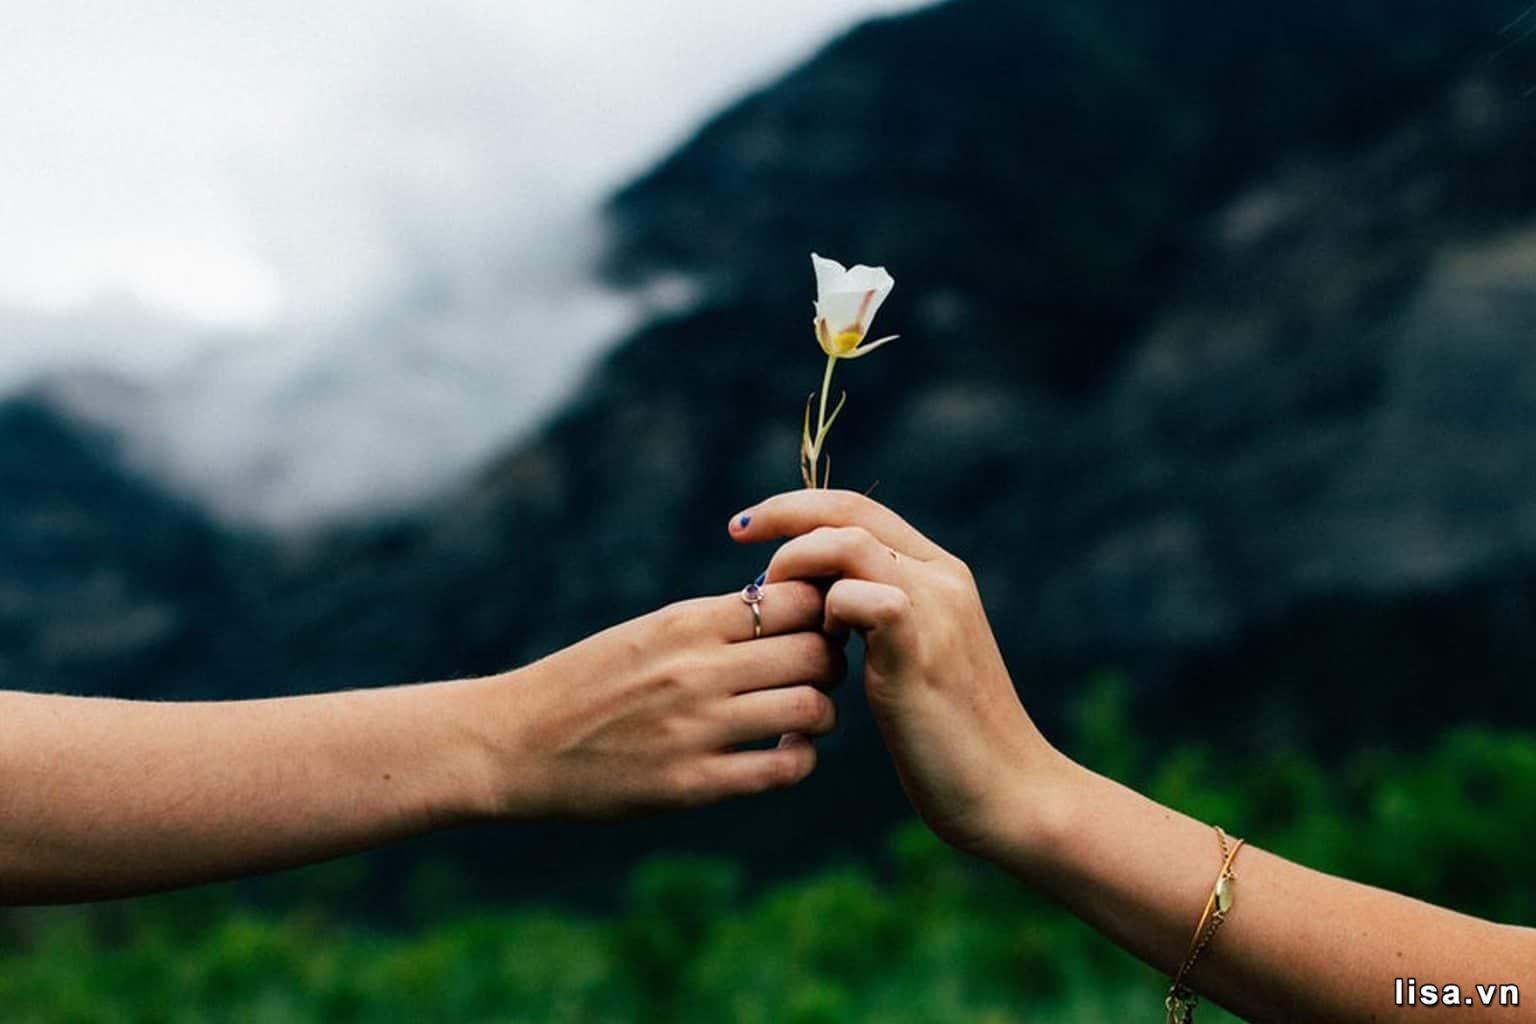 Tha thứ cho nhau mới là món quà tuyệt vời nhất!